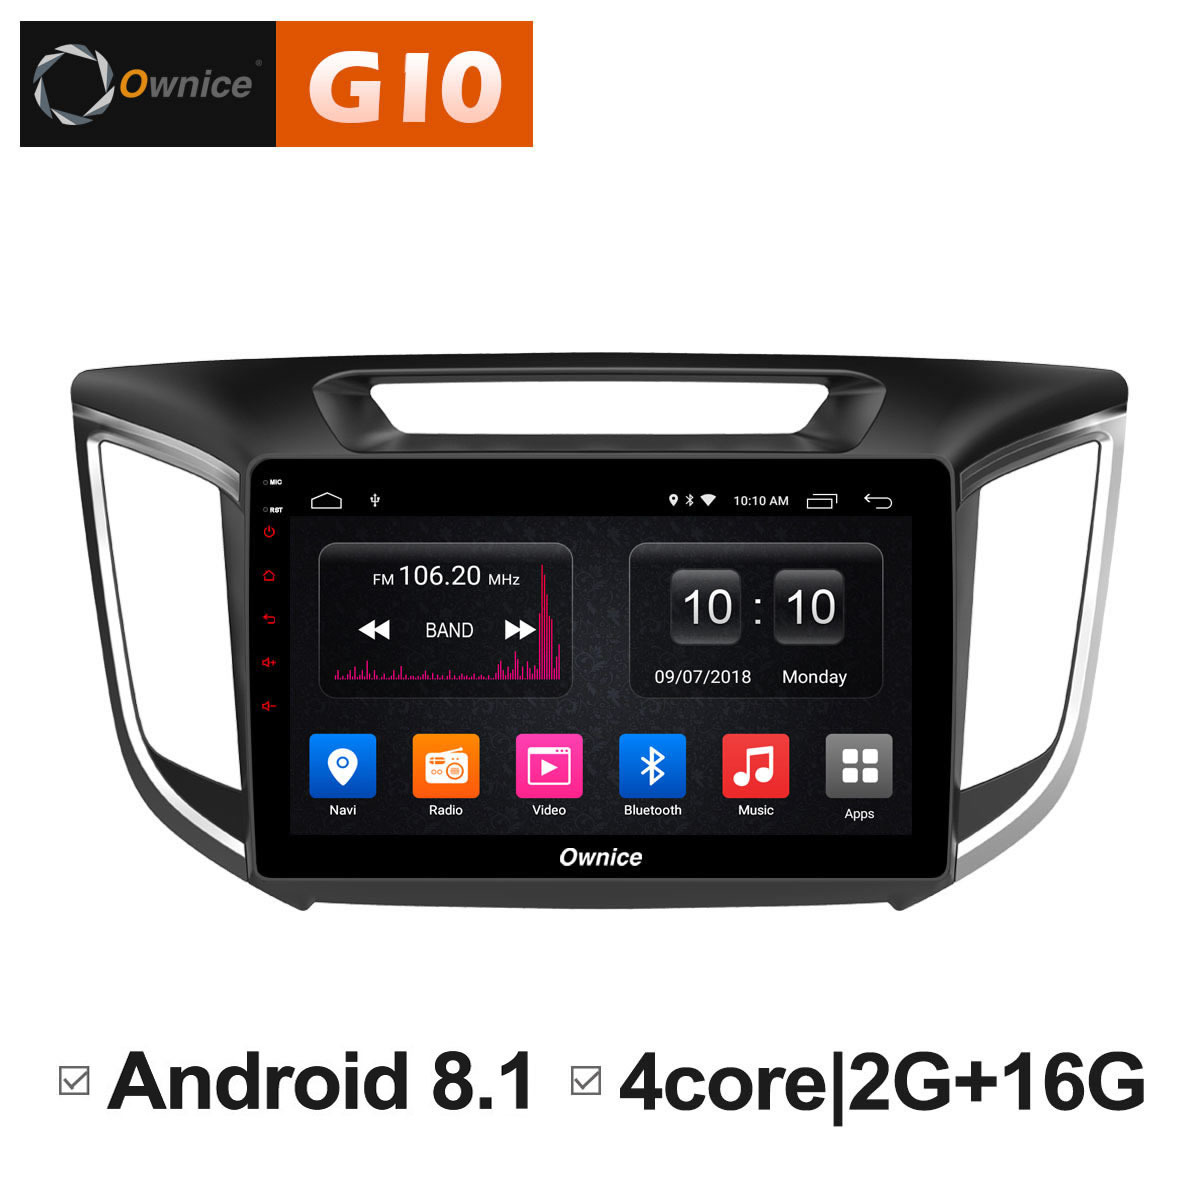 Android 8,1 Штатная автомобилей Pad Радио DVD мультимедийный плеер gps навигатор для HYUNDAI IX25 2014 2015 2016 bt 4G LTE стерео аудио